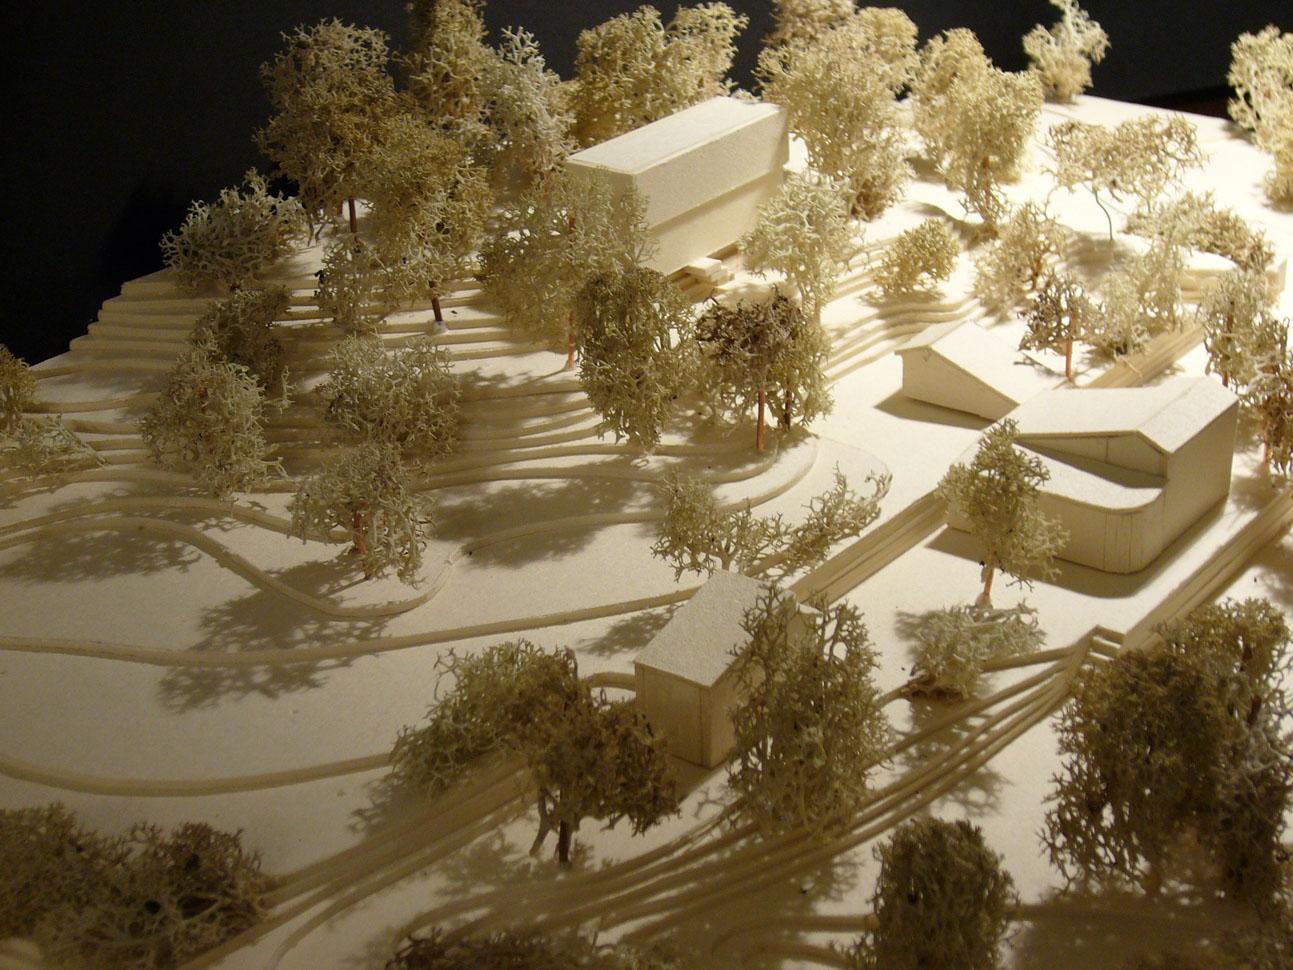 Geländemodell